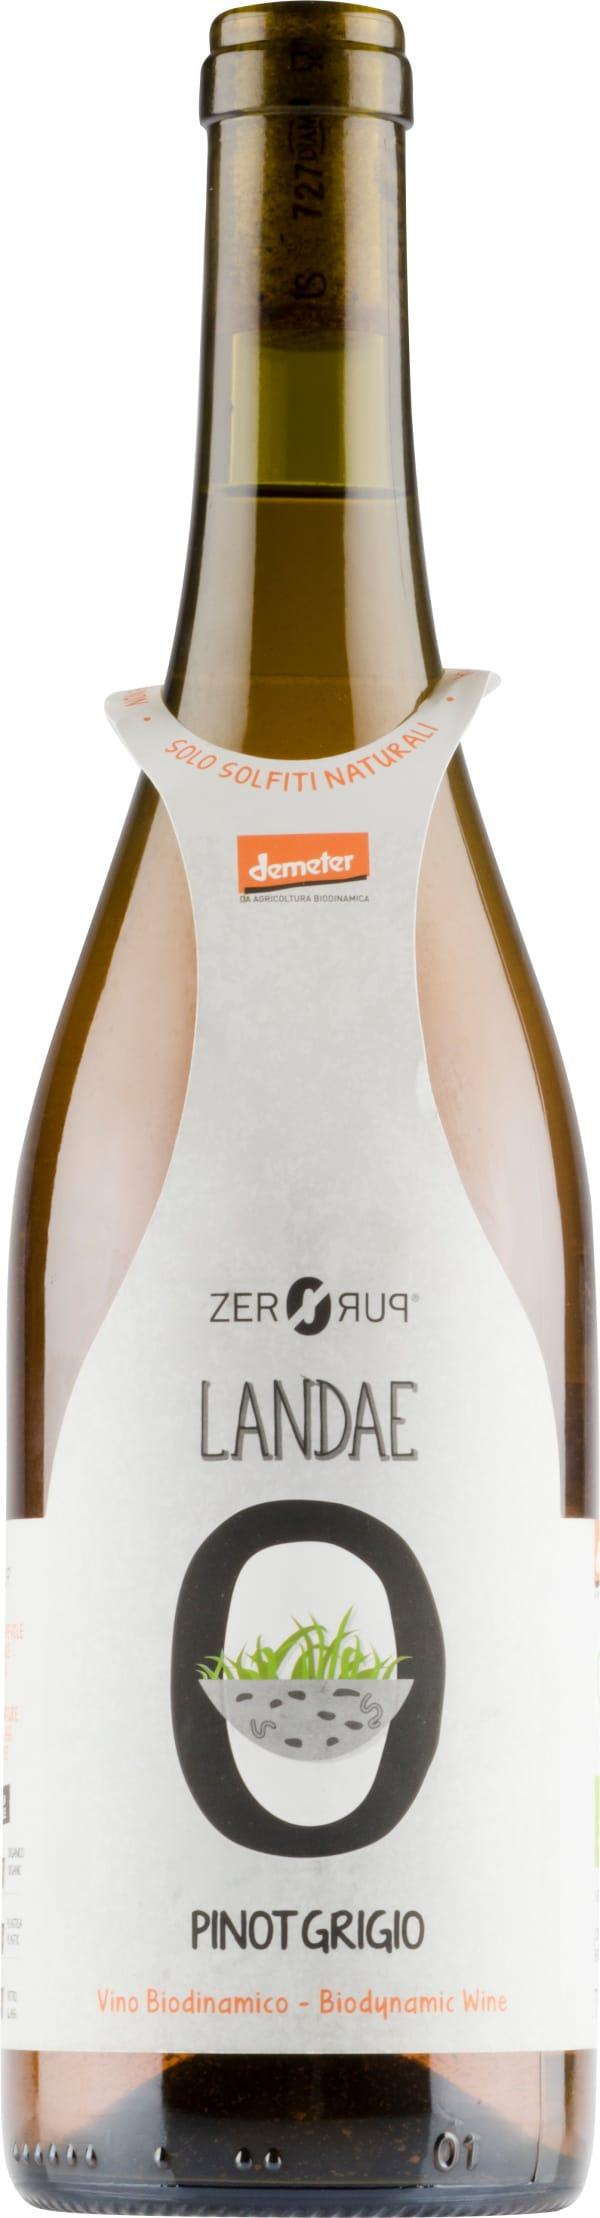 ZeroPuro Landae Pinot Grigio 2019